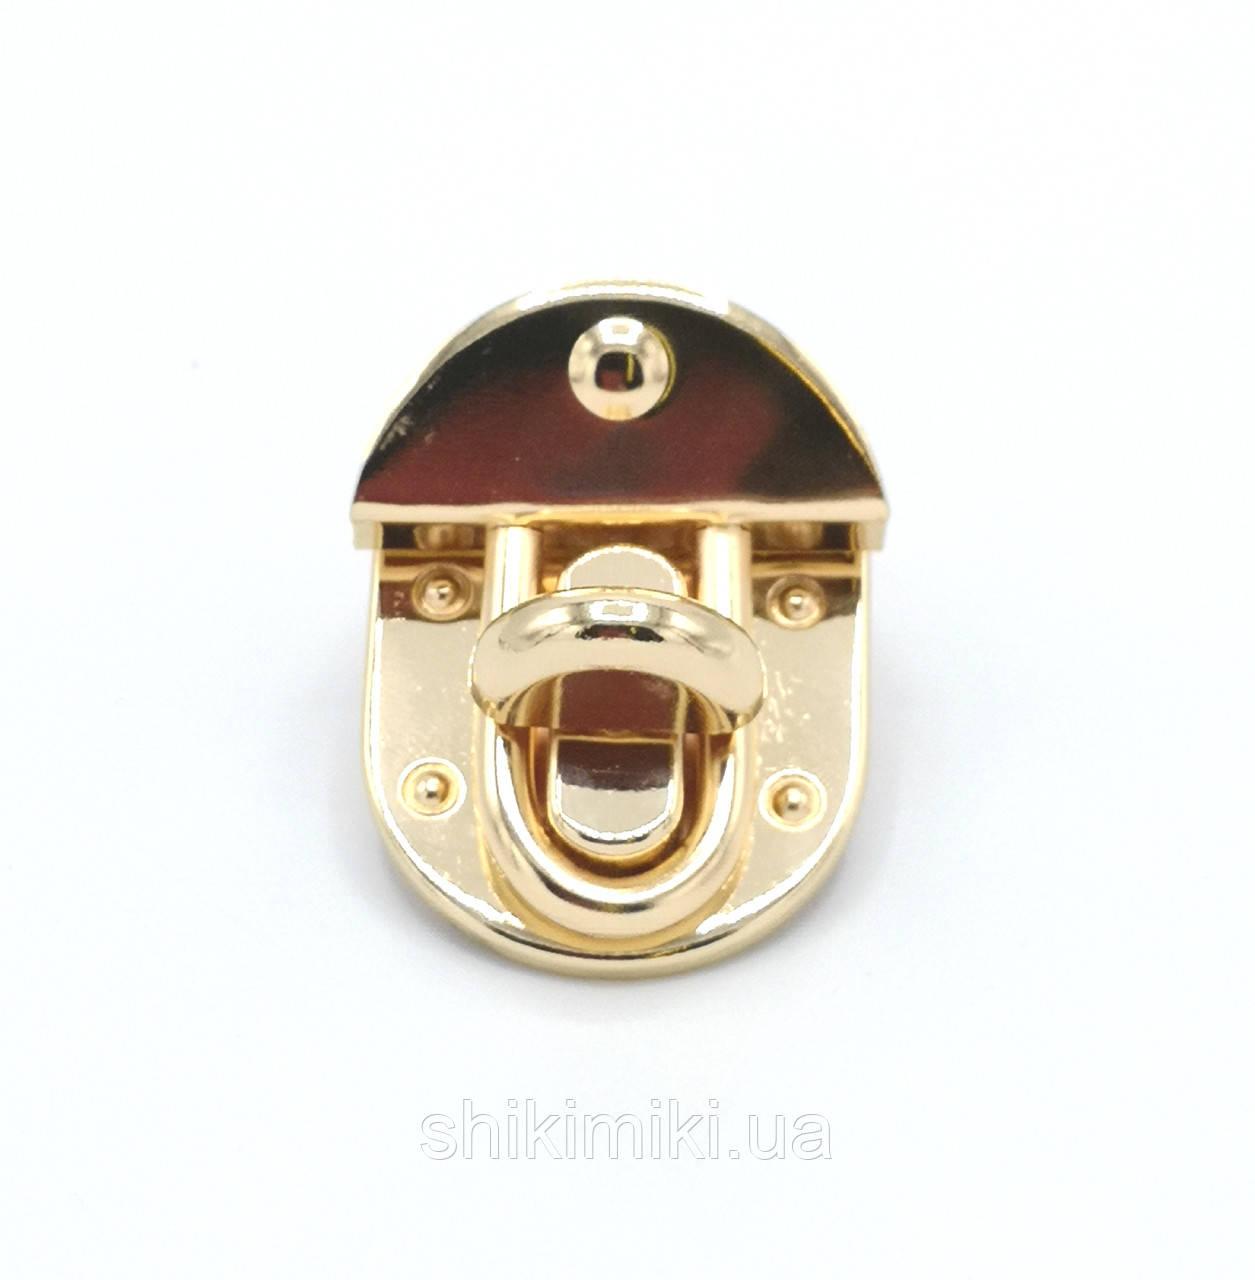 Замок для сумки круглый ZM21-3, цвет золото